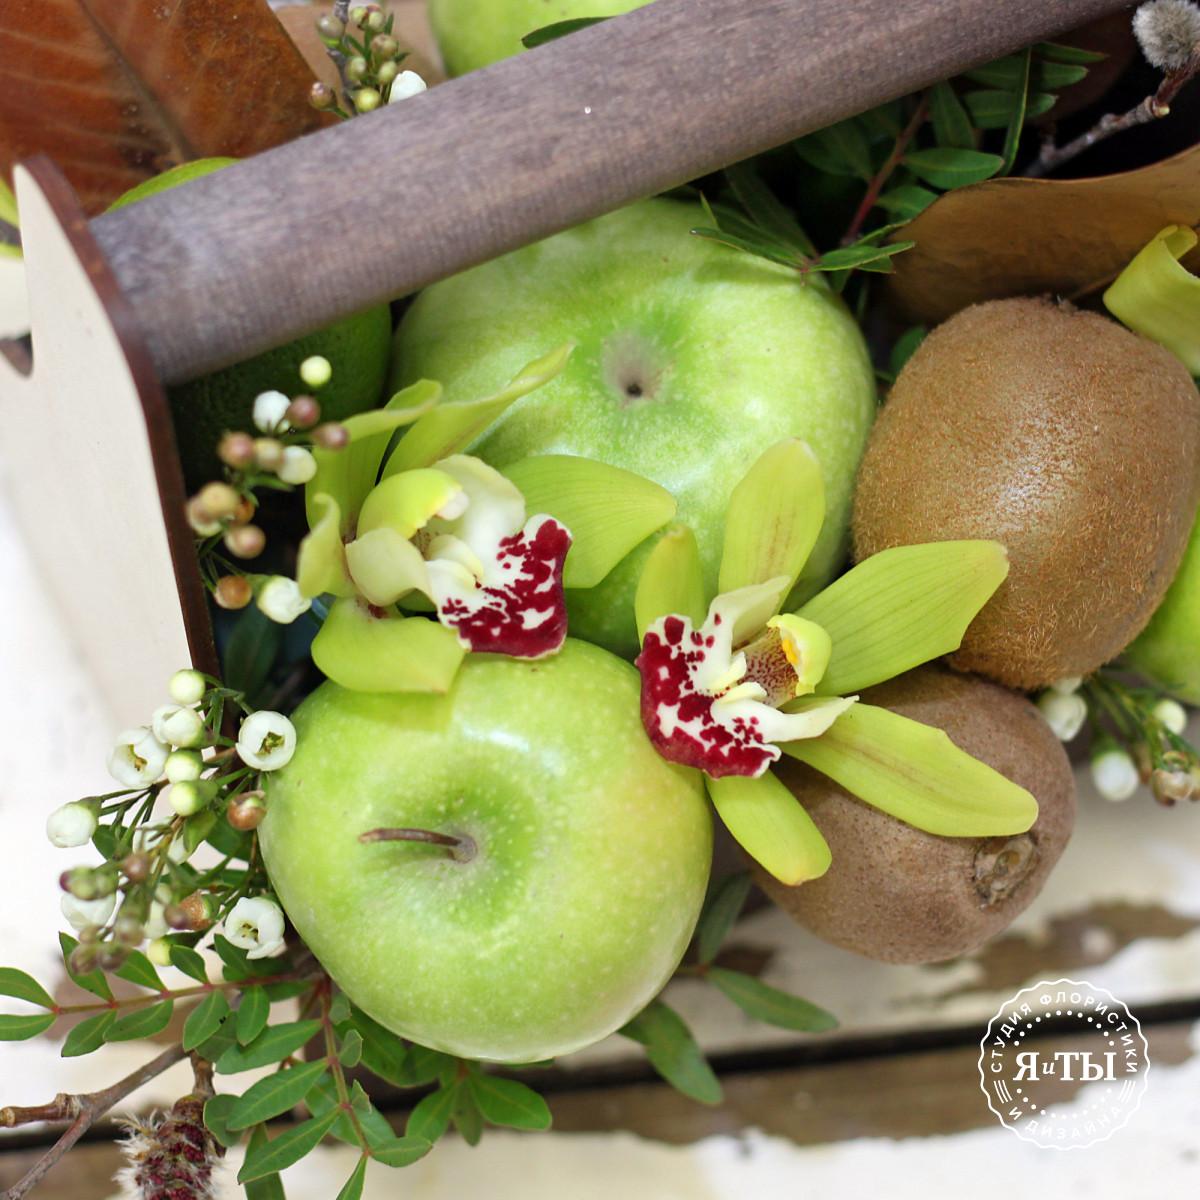 Фруктовый ящичек с киви и орхидеями